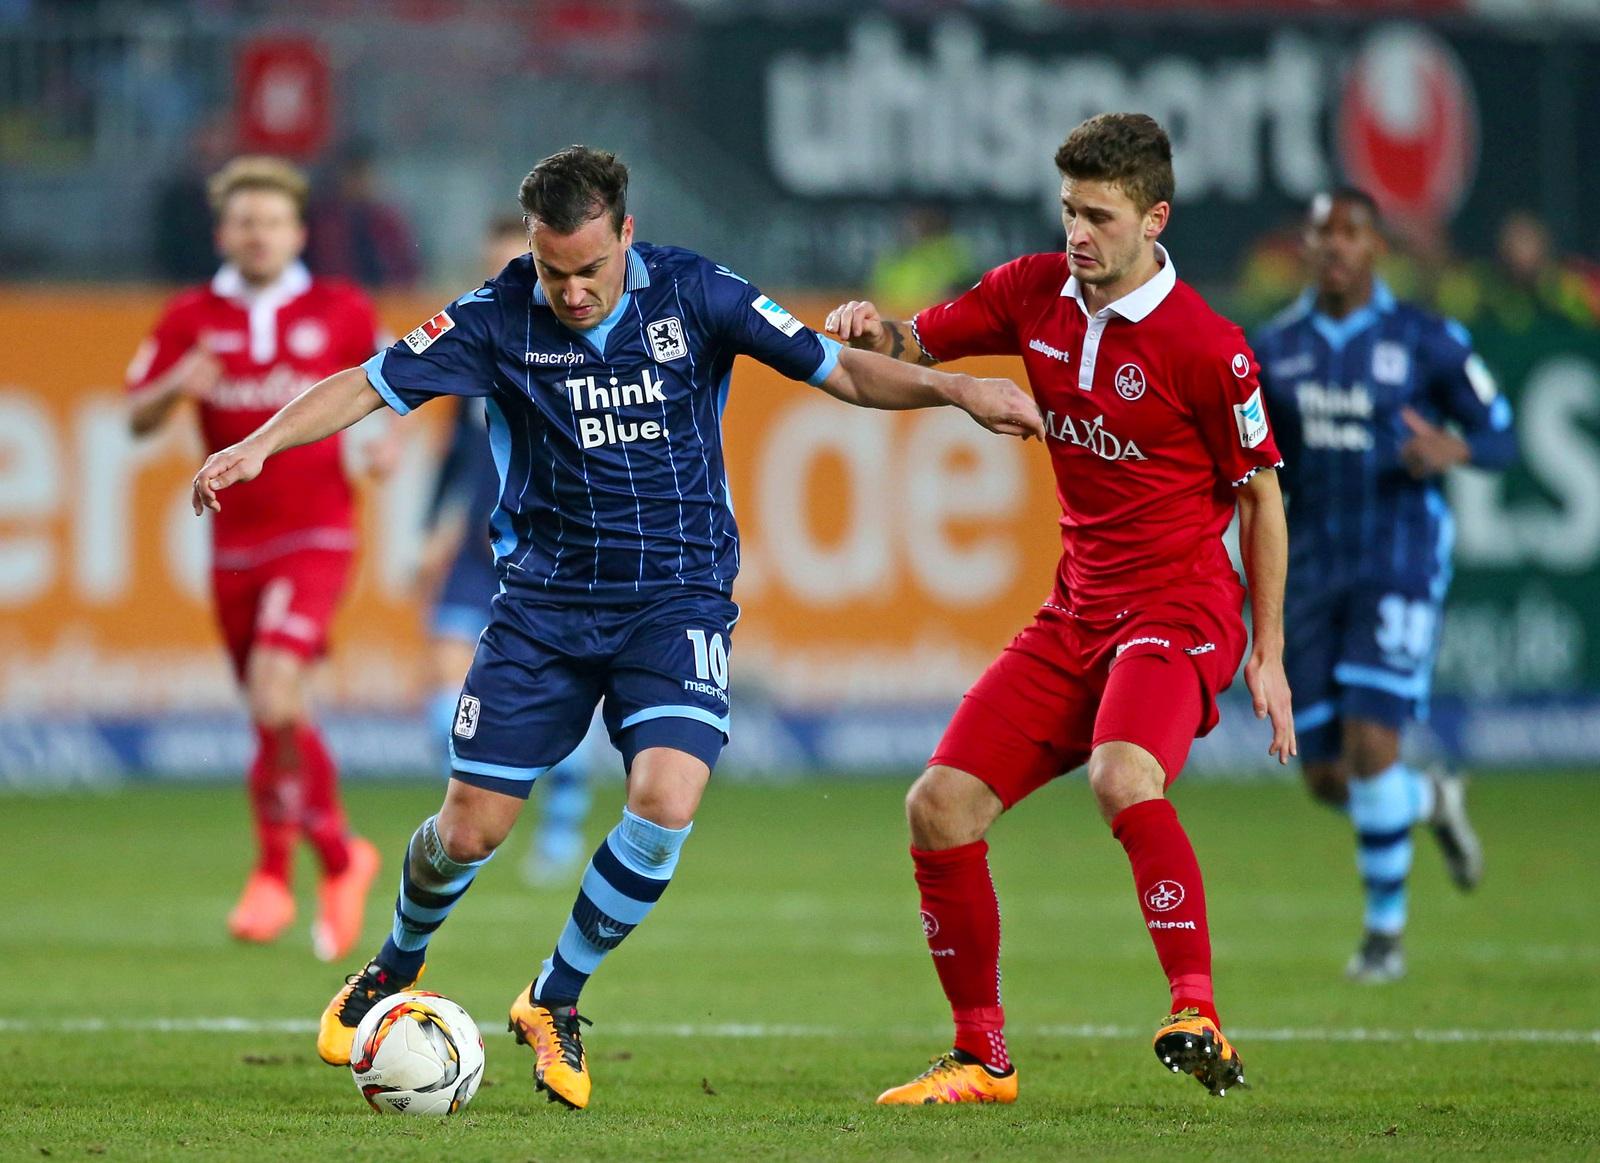 Kaiserslautern Gegen 1860 MГјnchen